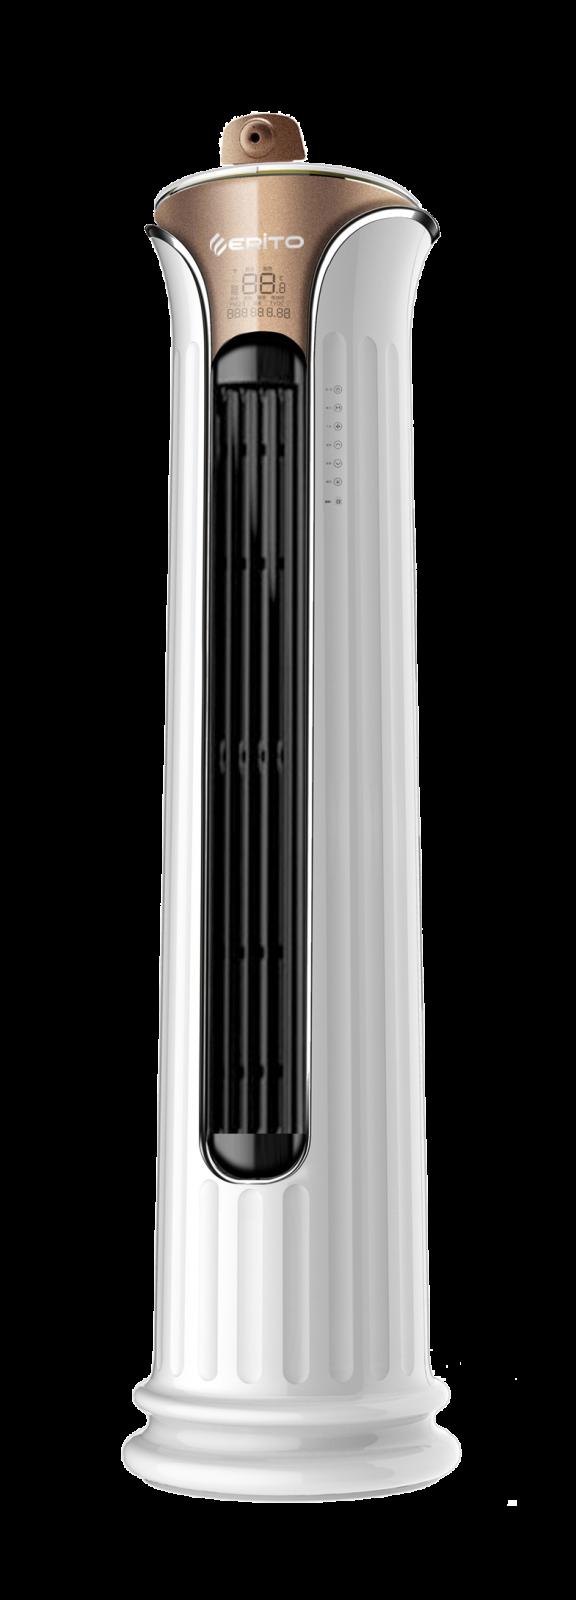 Điều hòa Erito Tủ tròn 24000 BTU hai chiều